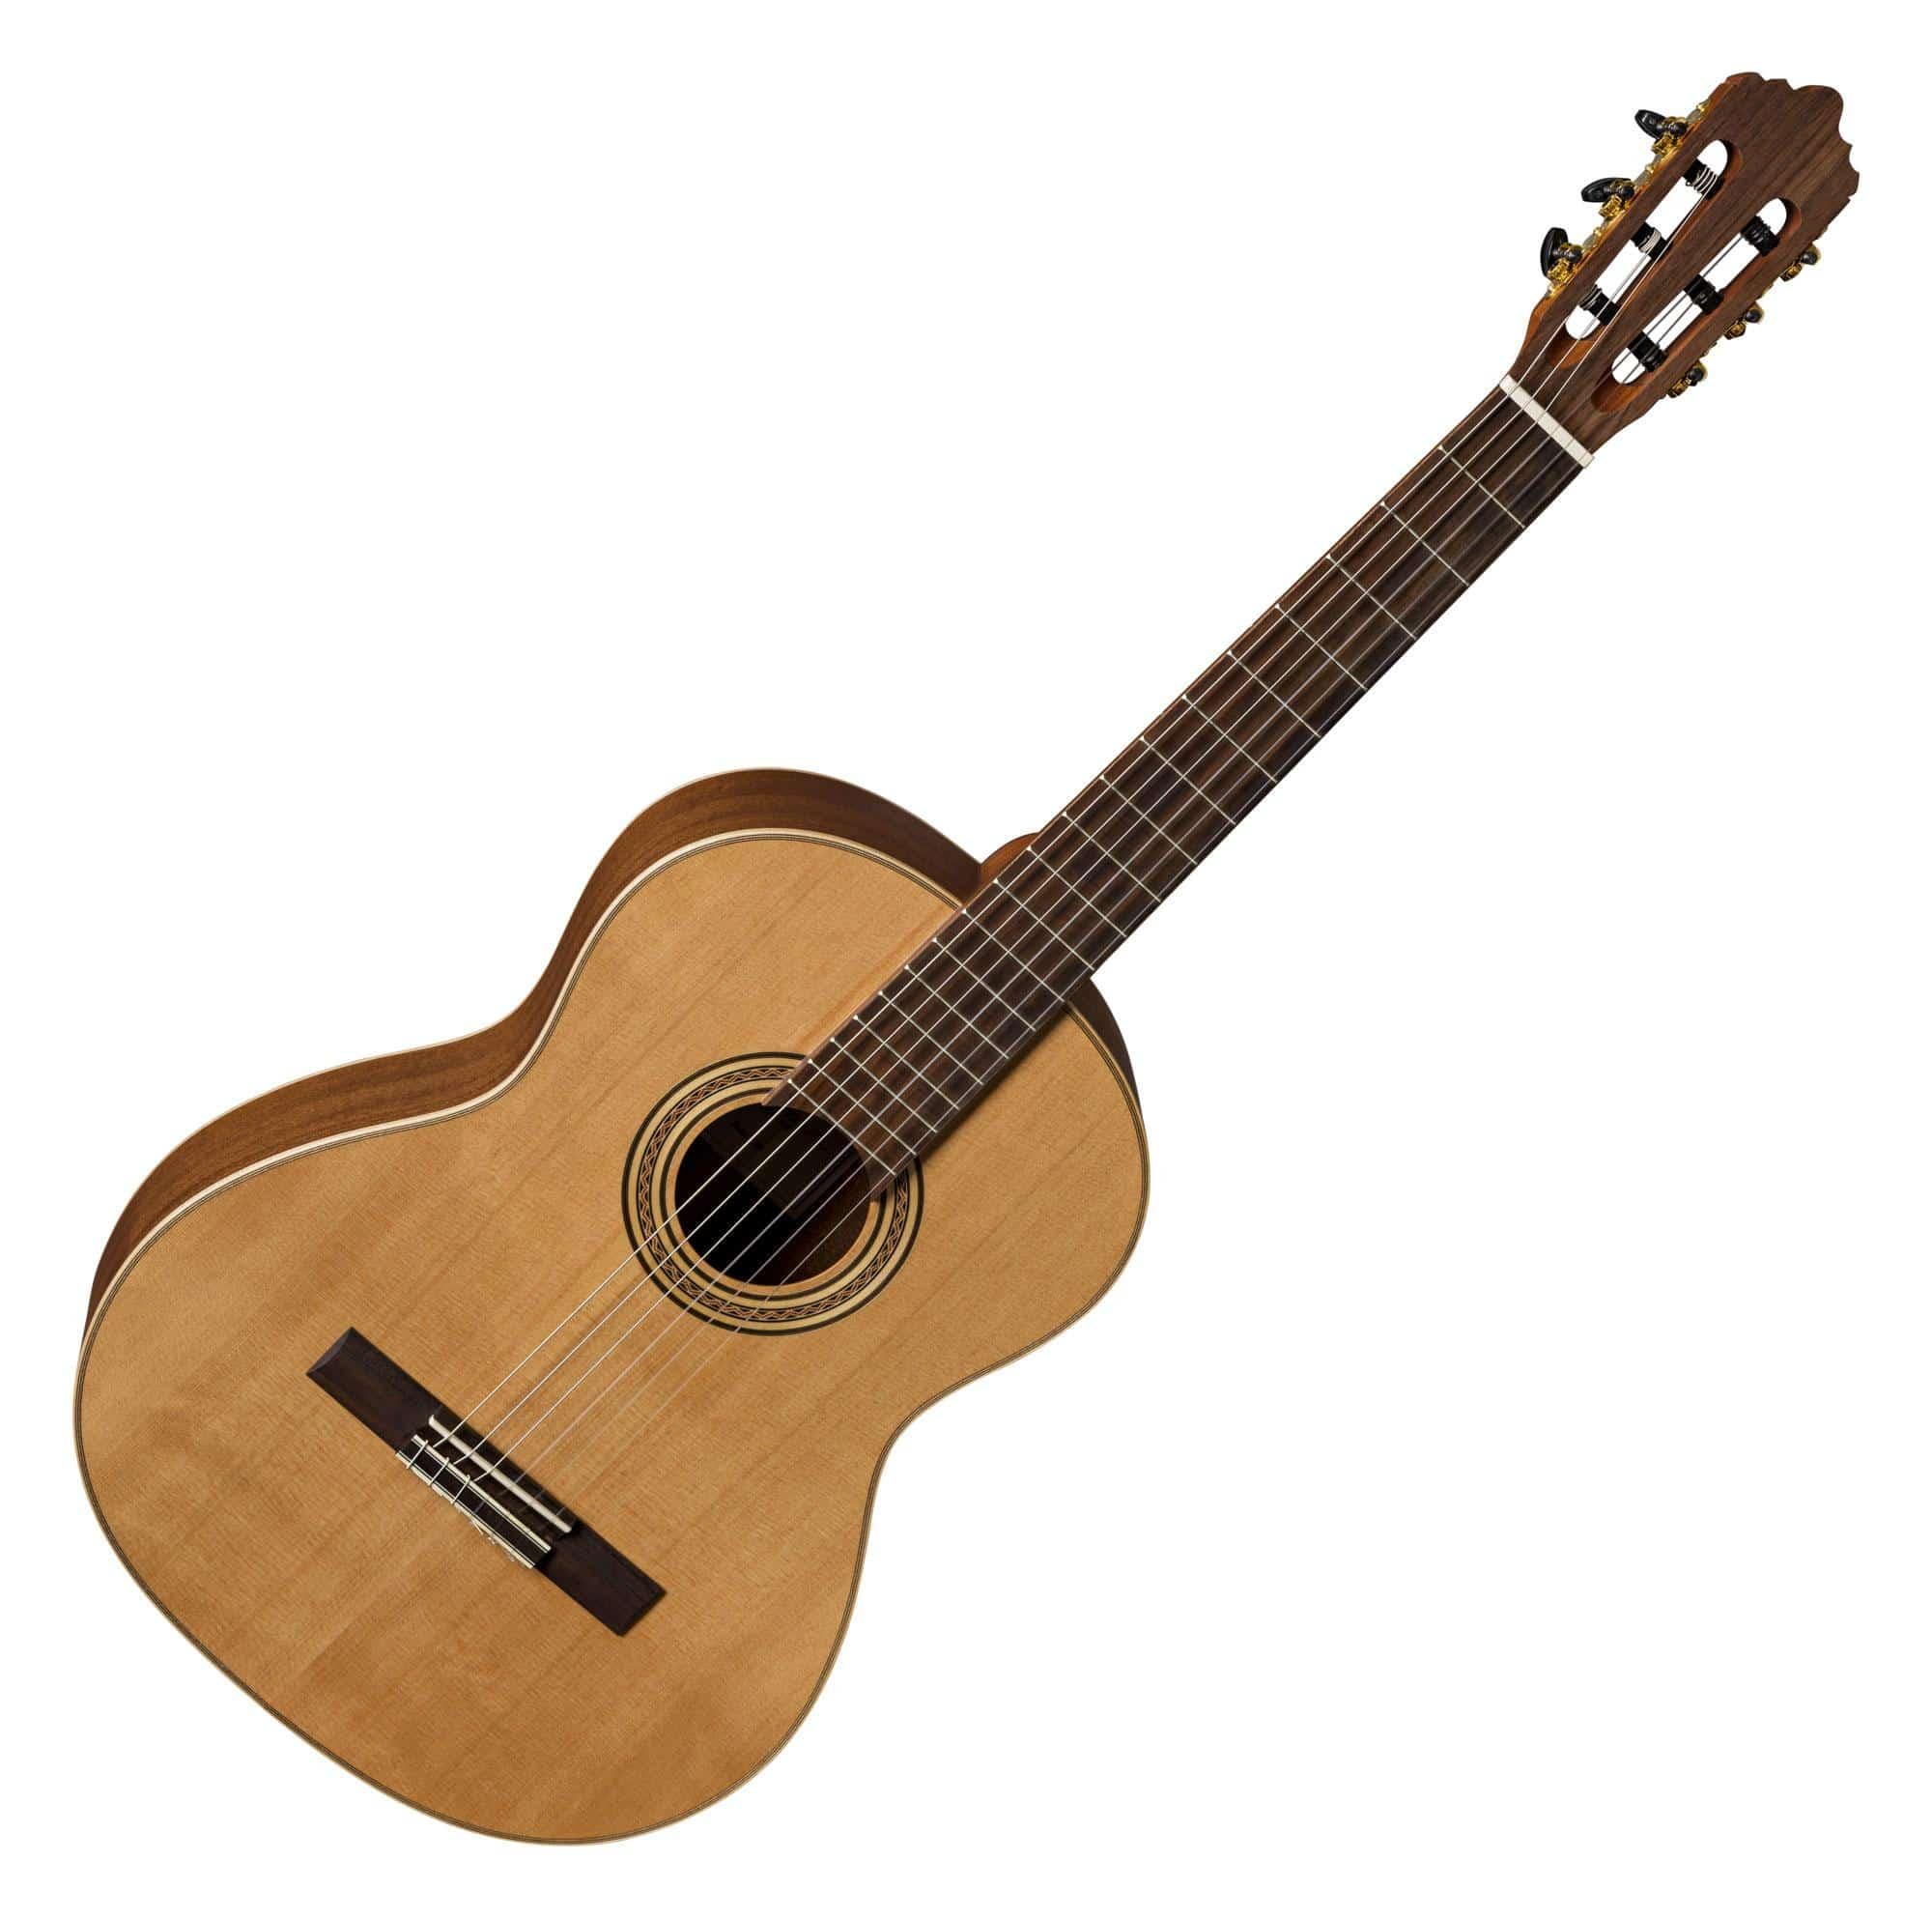 La Mancha Rubi cm 59 3 4 Konzertgitarre